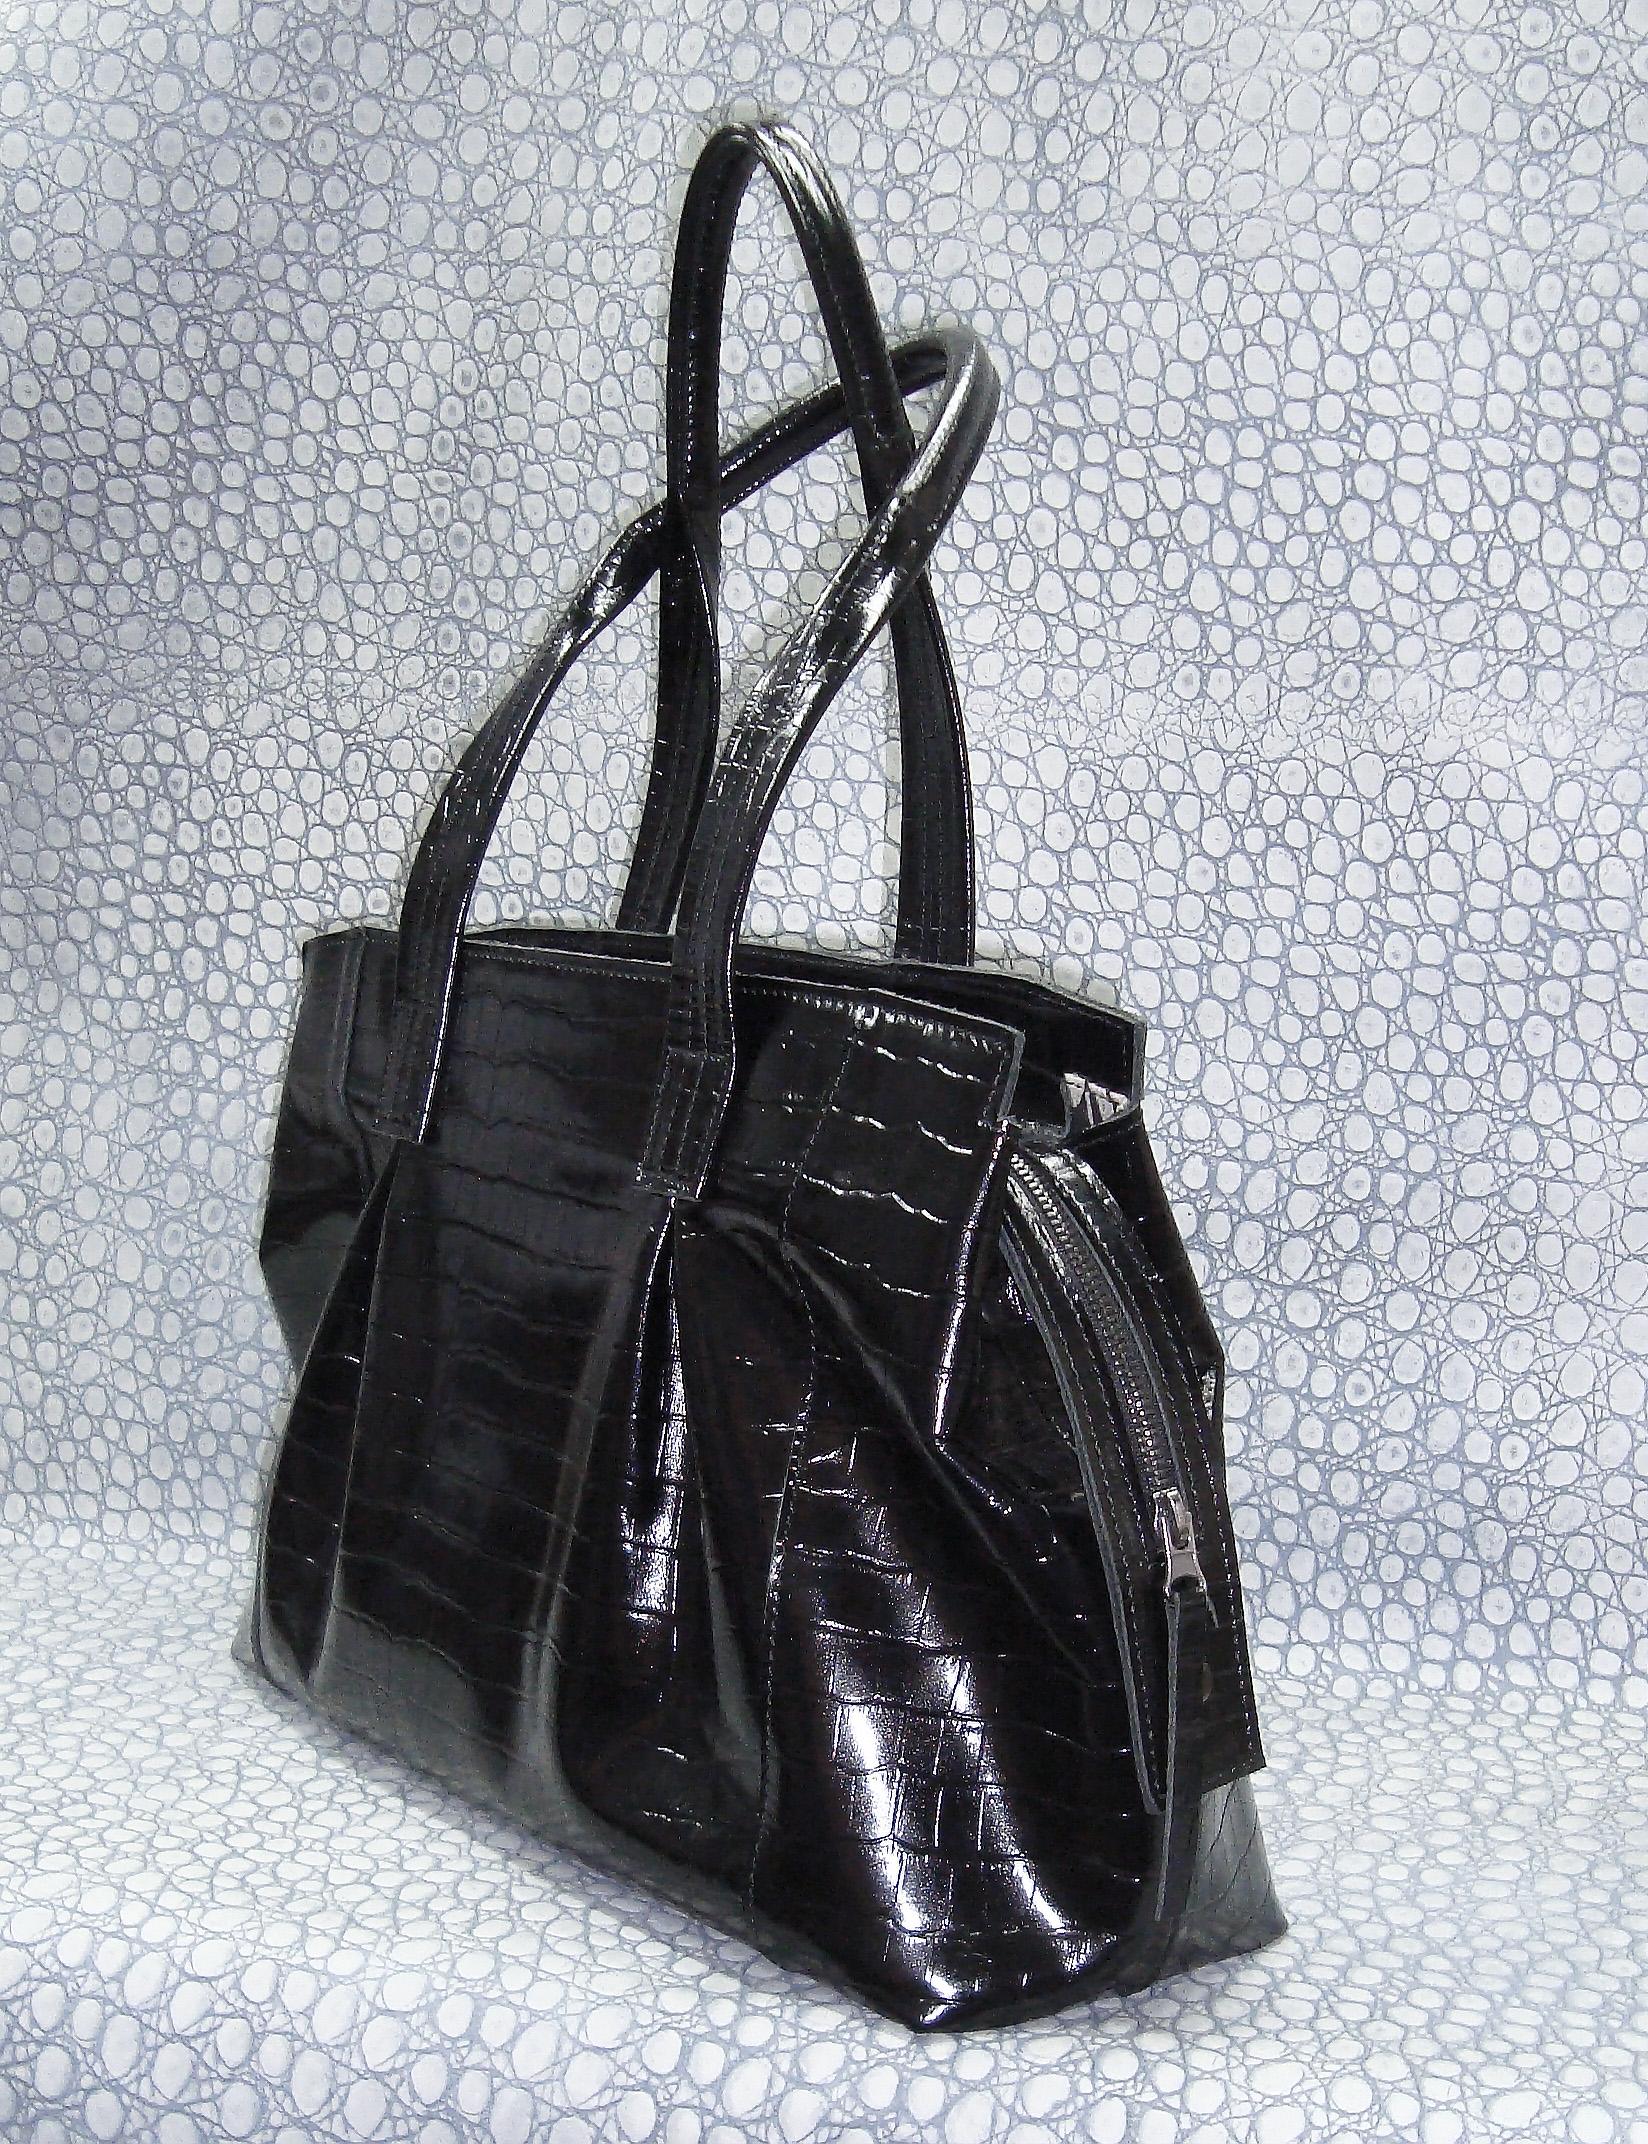 Сумка Модель № 22Сумки и др. изделия из кожи<br>Высота сумки: 27 см <br>Ширина сумки: 40 см <br>Ширина дна: 12 см <br>Длинна ручек: 65 см<br><br>Тип: Сумка<br>Размер: -<br>Материал: Натуральная кожа